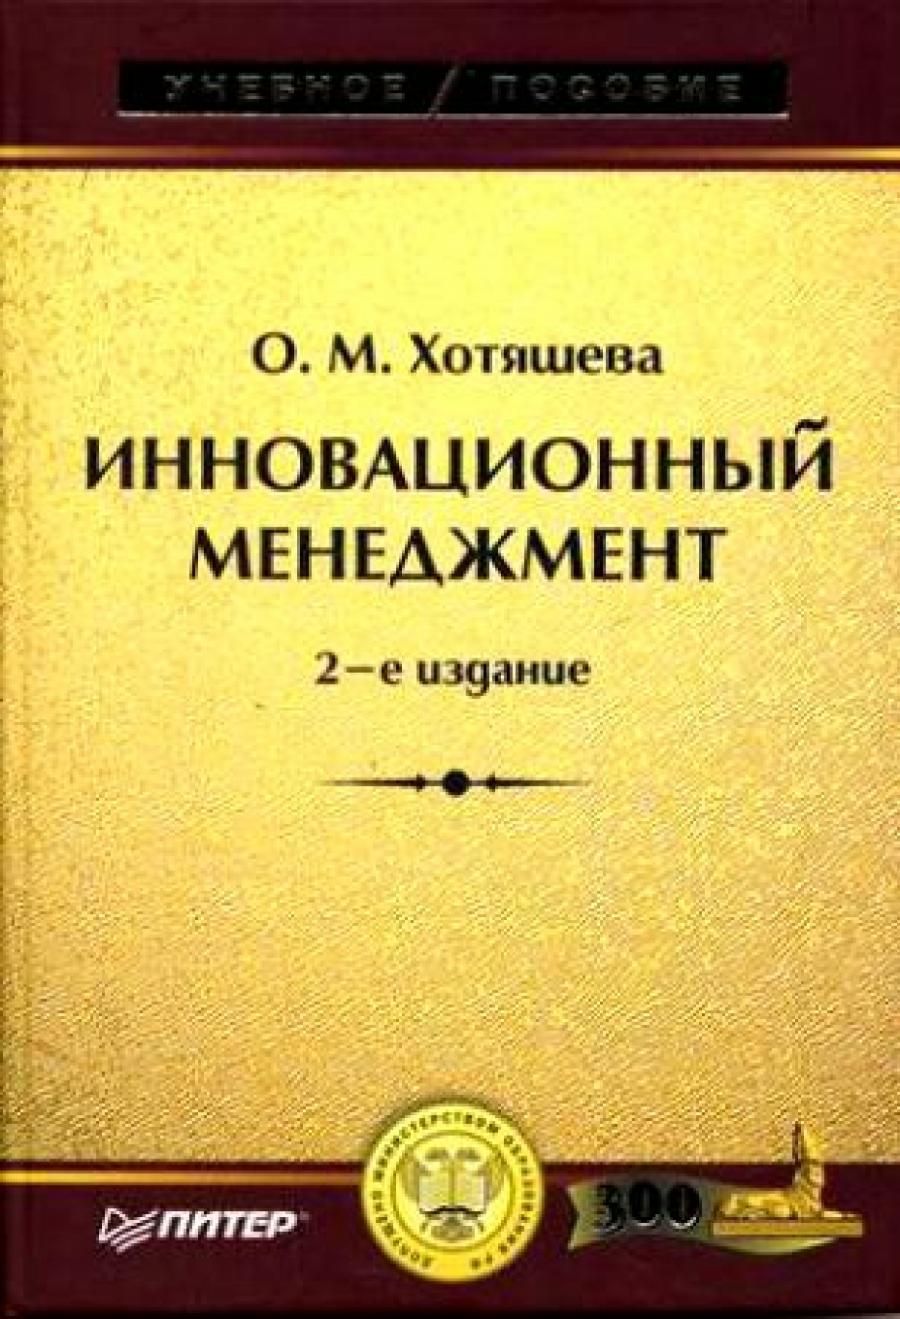 Обложка книги:  хотяшева о.м. - инновационный менеджмент (2-е изд.).